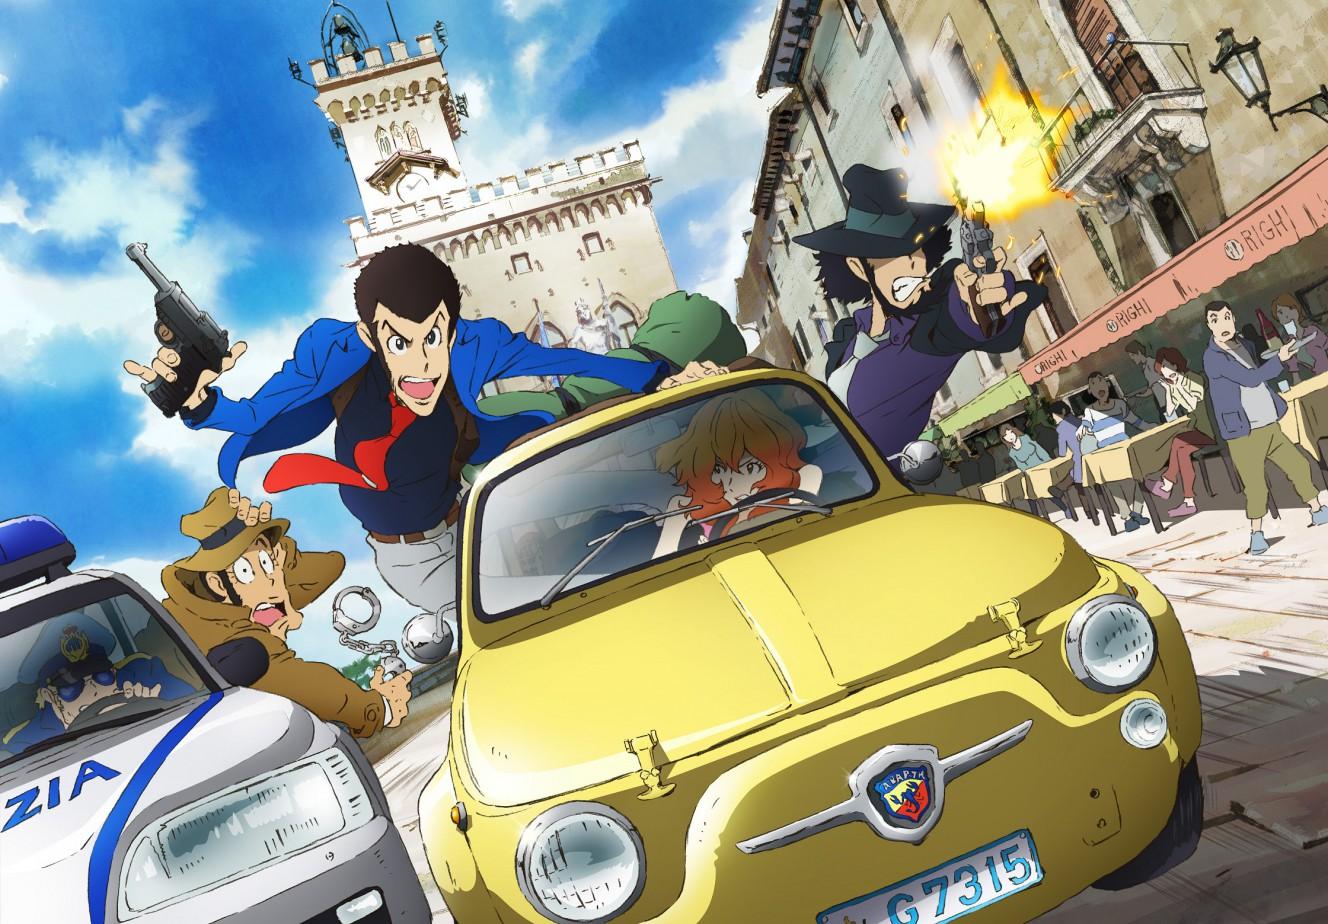 新TVシリーズ『ルパン三世』PV公開!10月1日に放送開始